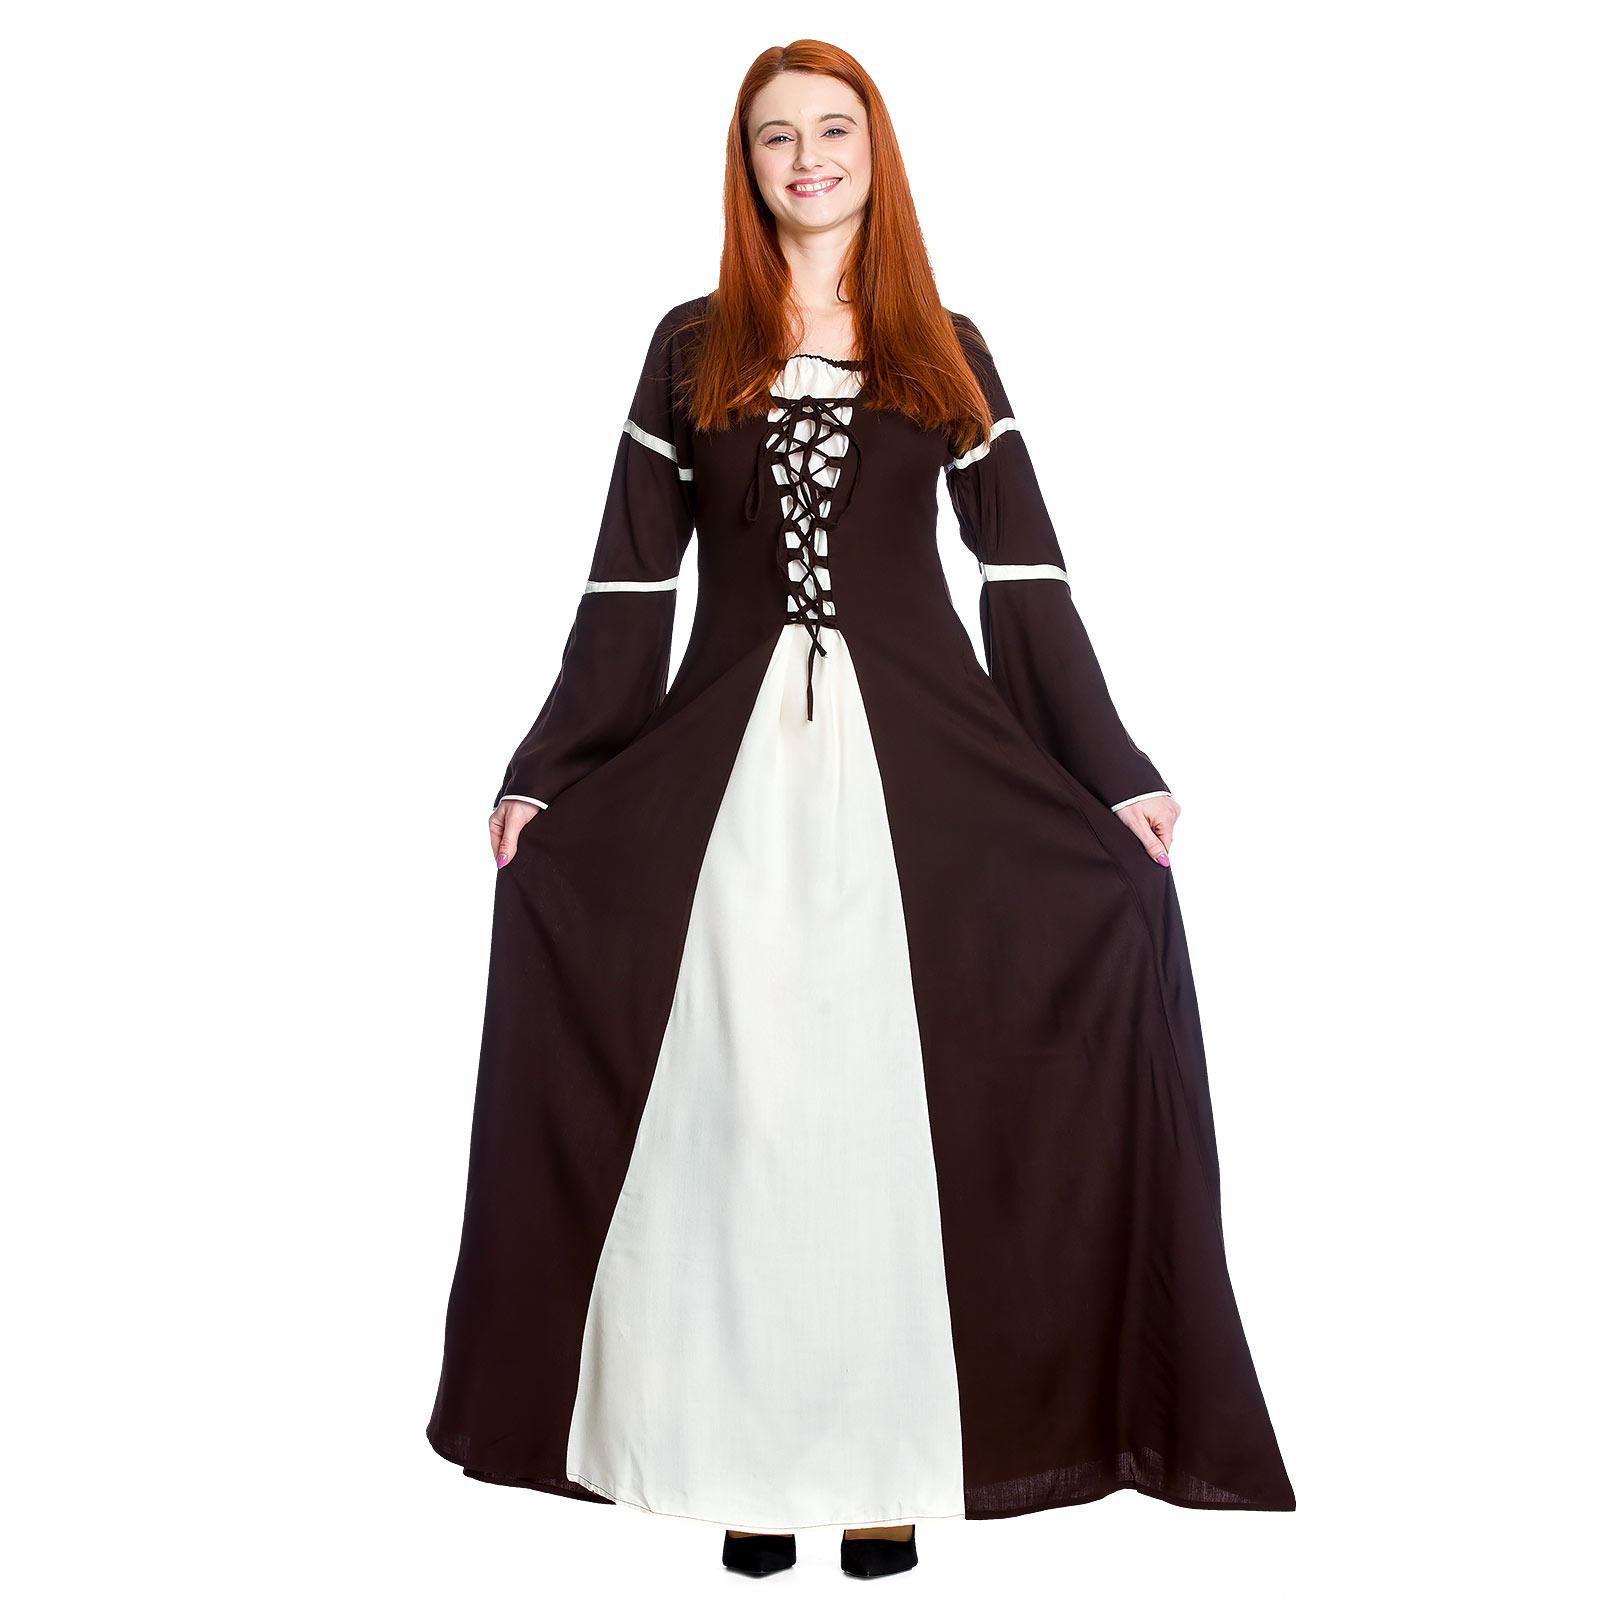 Mittelalter Kleid Katherina braun-natur